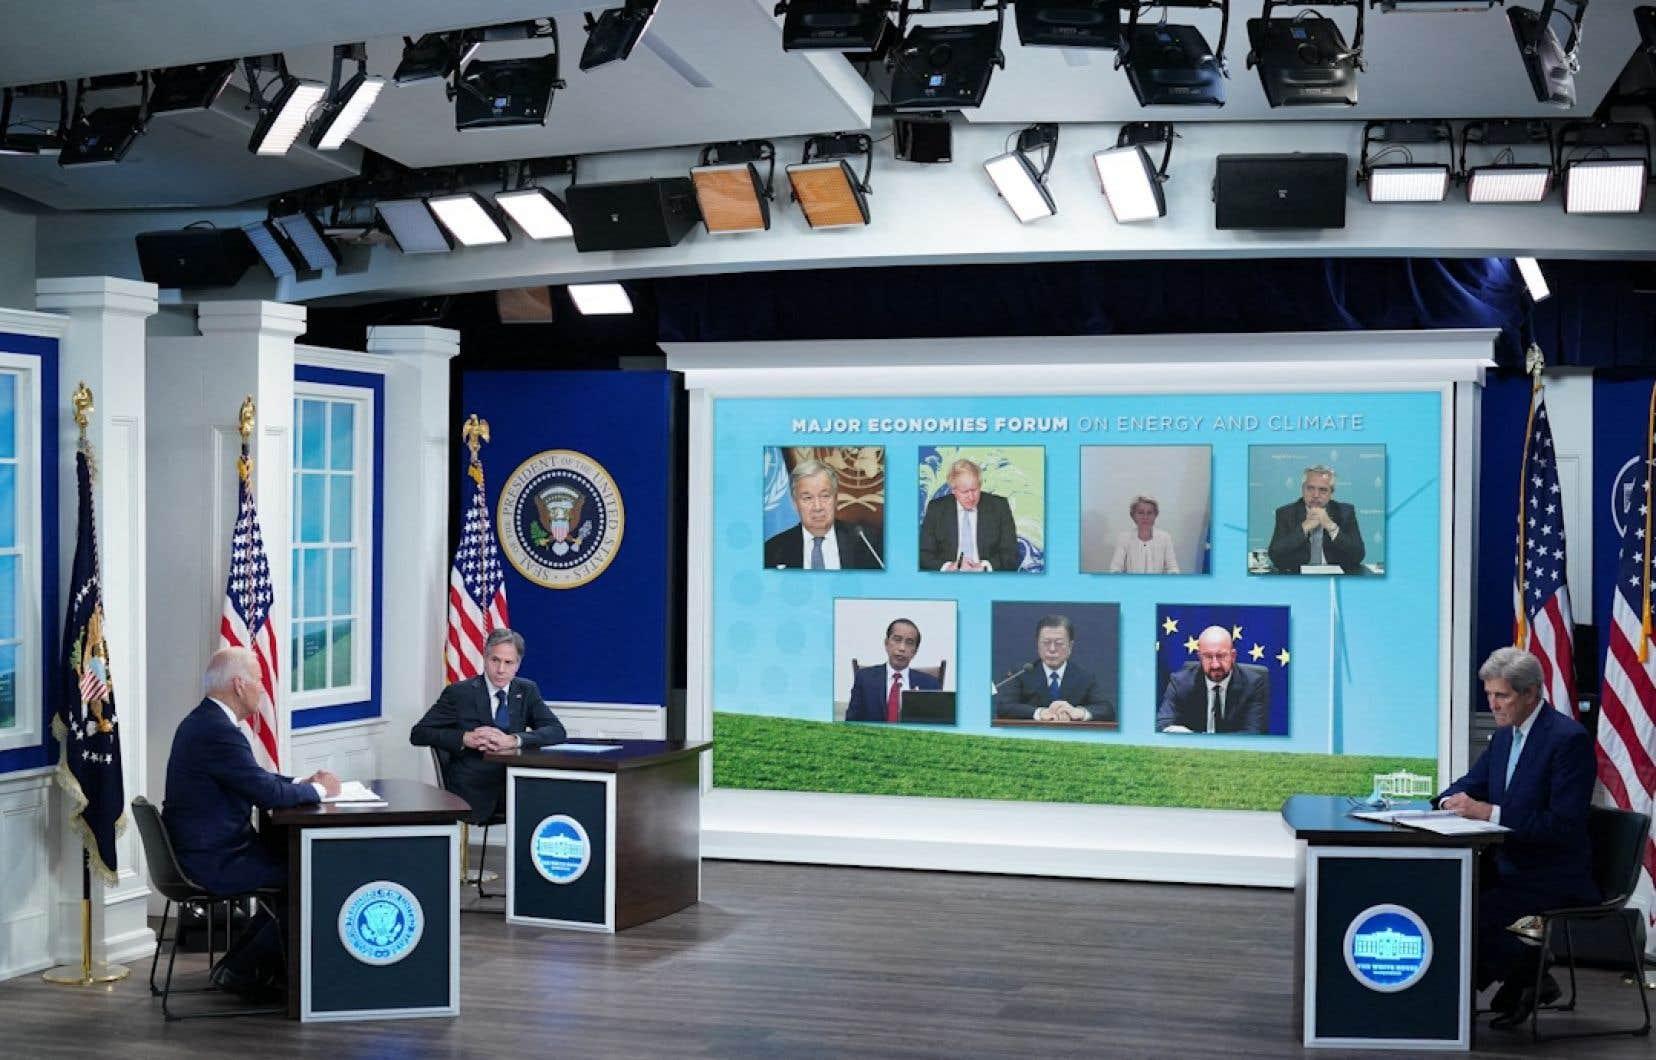 Joe Bidena annoncé un nouvel engagement américano-européen pour réduire les fuites de méthane néfastes pour le climat.